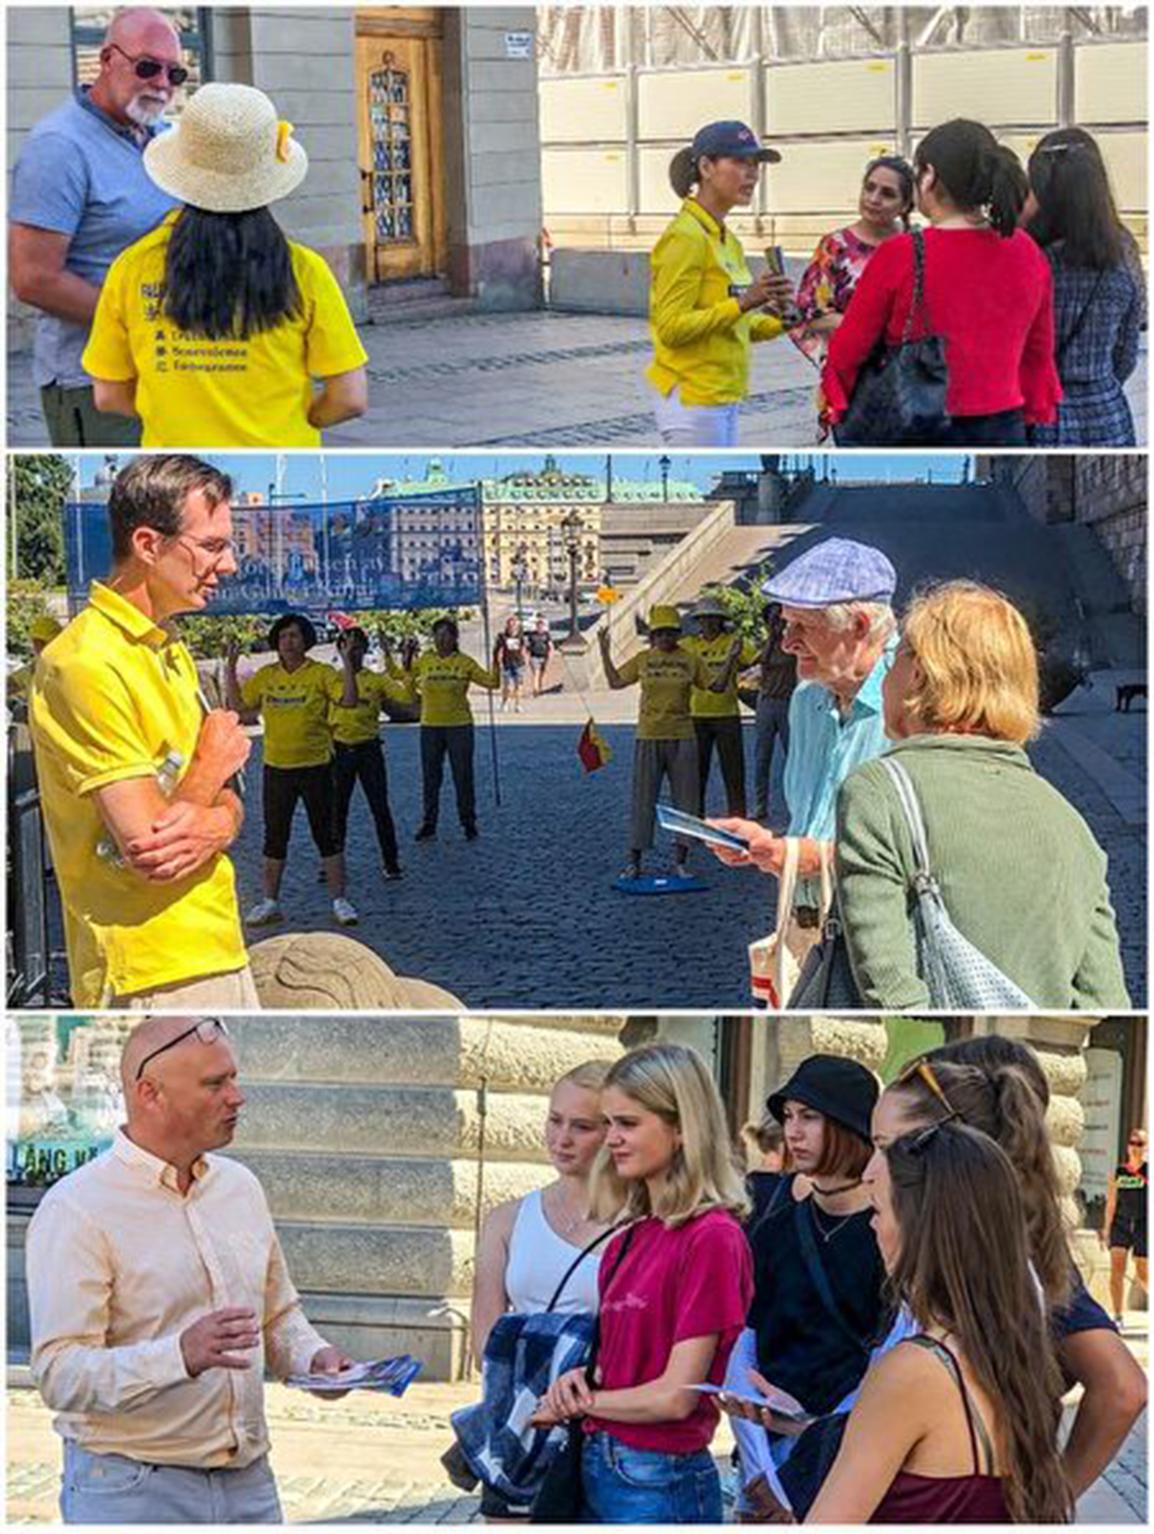 瑞典民眾駐足詳細了解法輪功真相。(明慧網)